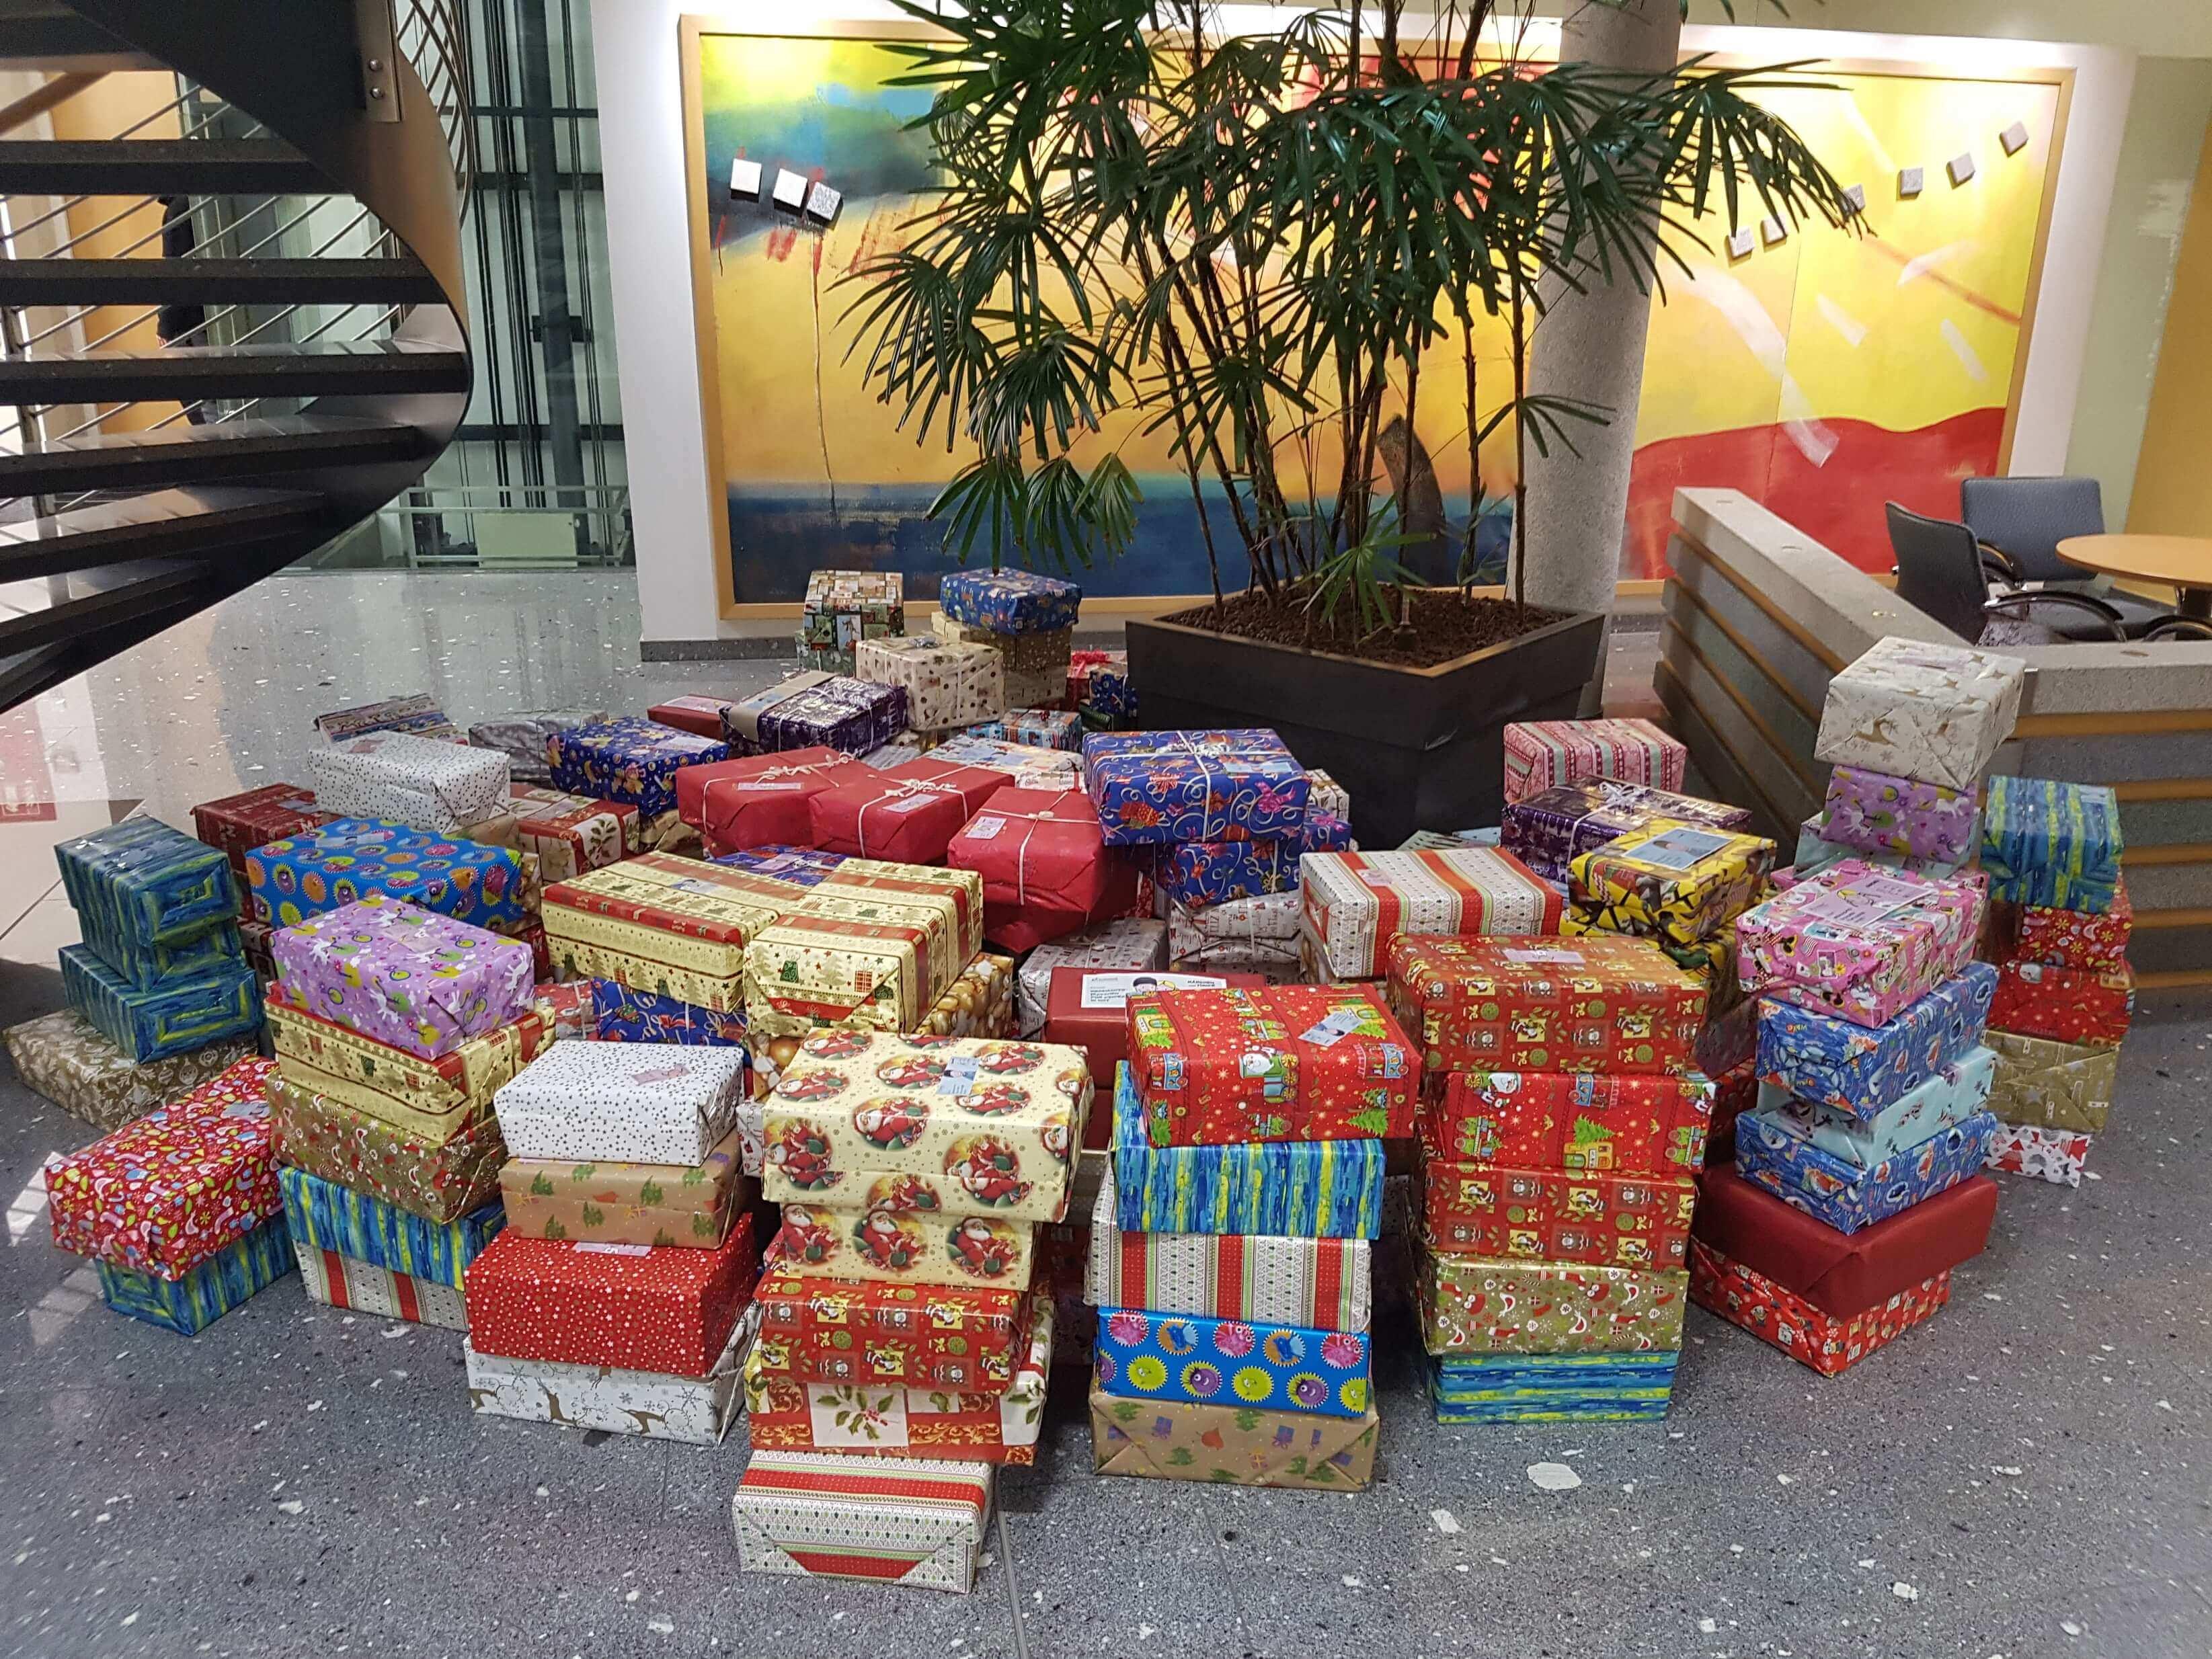 284 gepackte und verzierte Kartons mit Weihnachtsgeschenken gesammelt im Foyer.